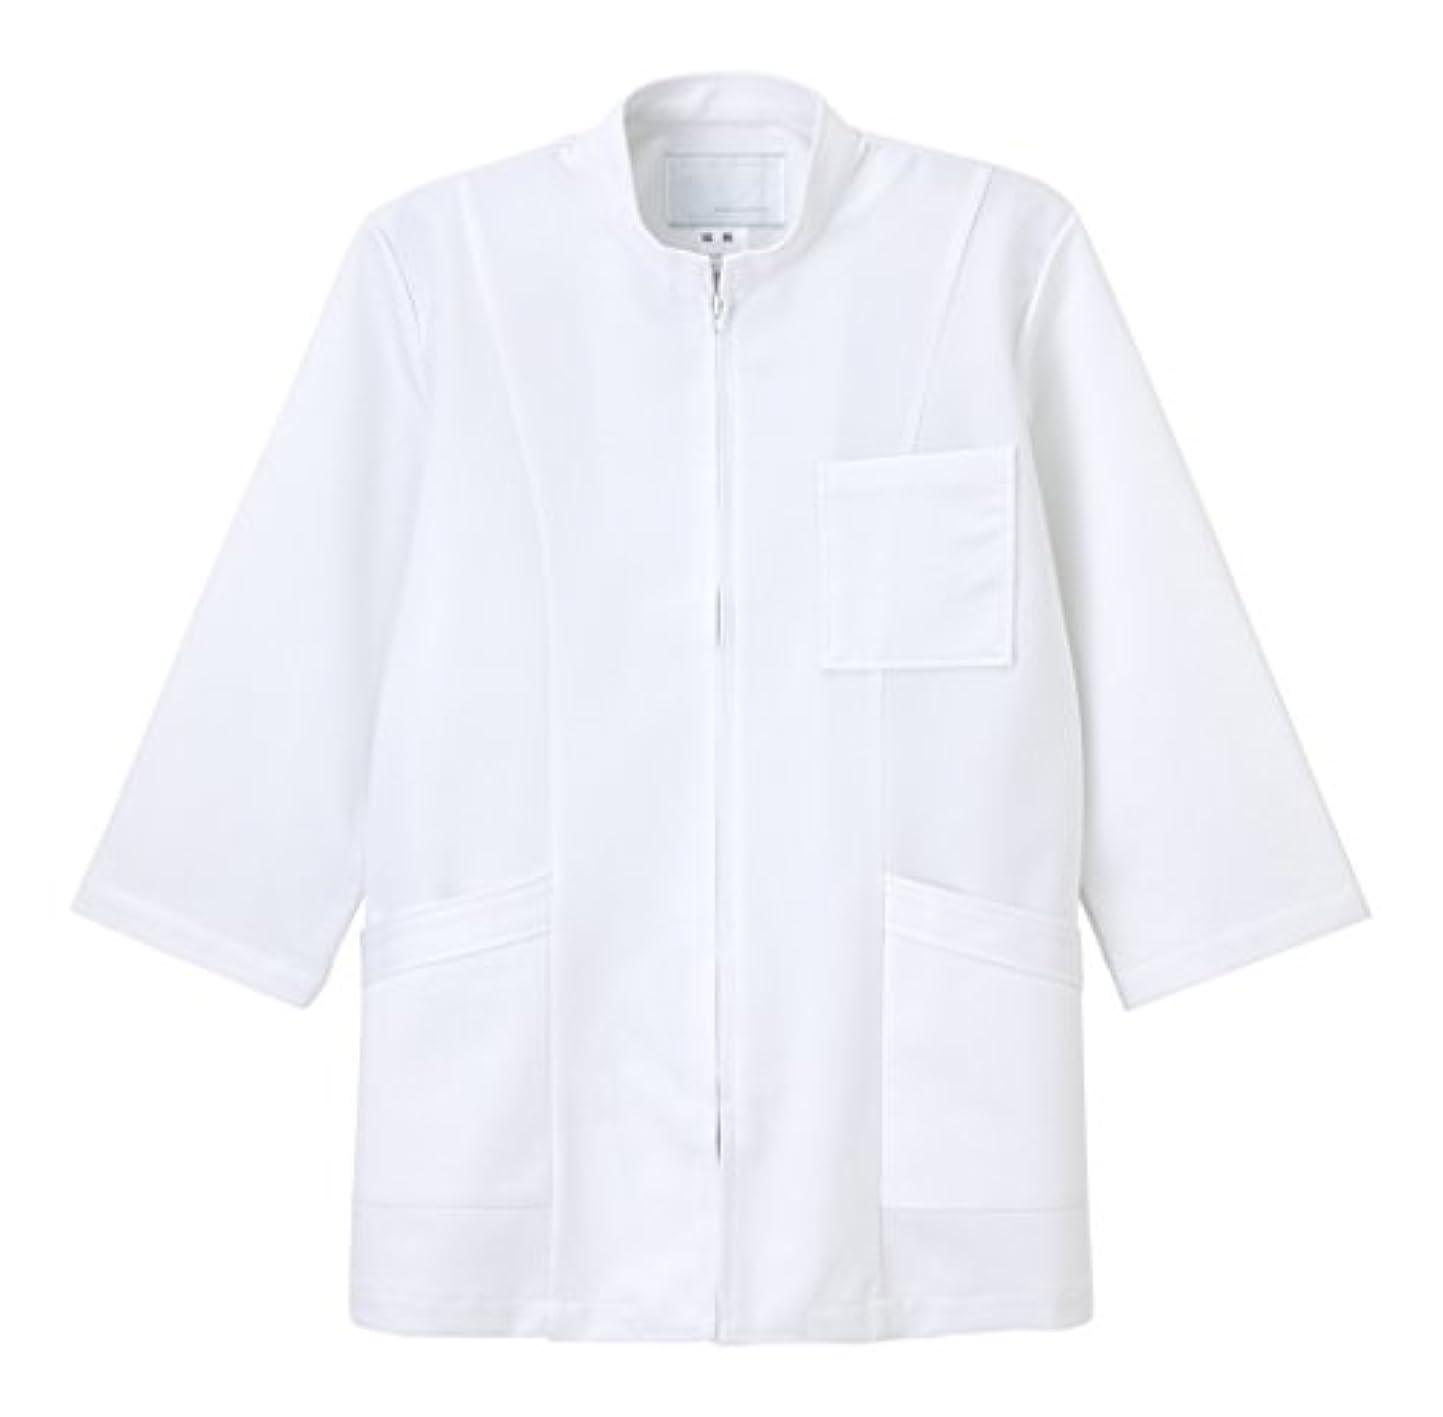 下る詐欺ファンドナガイレーベン NAGAILEBEN 男子上衣8分袖 US-86(LL)ホワイト